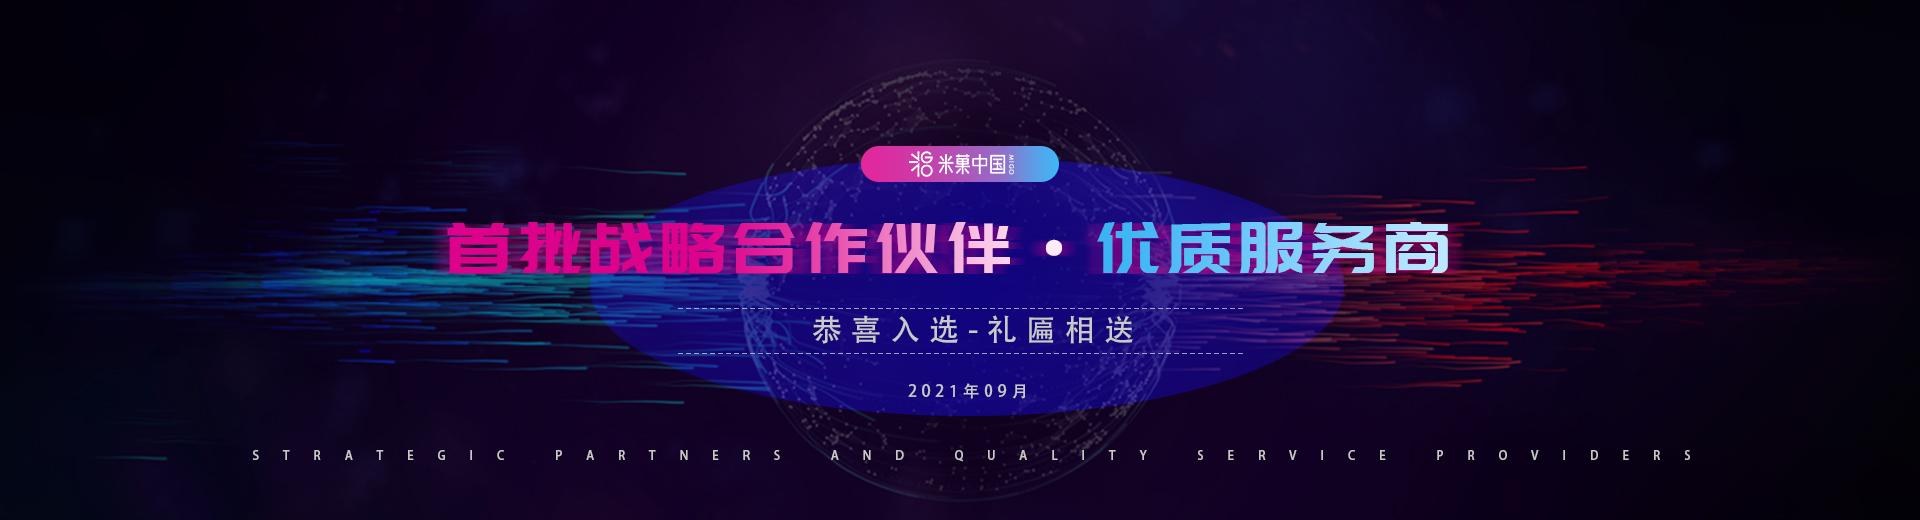 米菓中国首批战略合作伙伴和优质服务商出炉,感谢一路相伴!